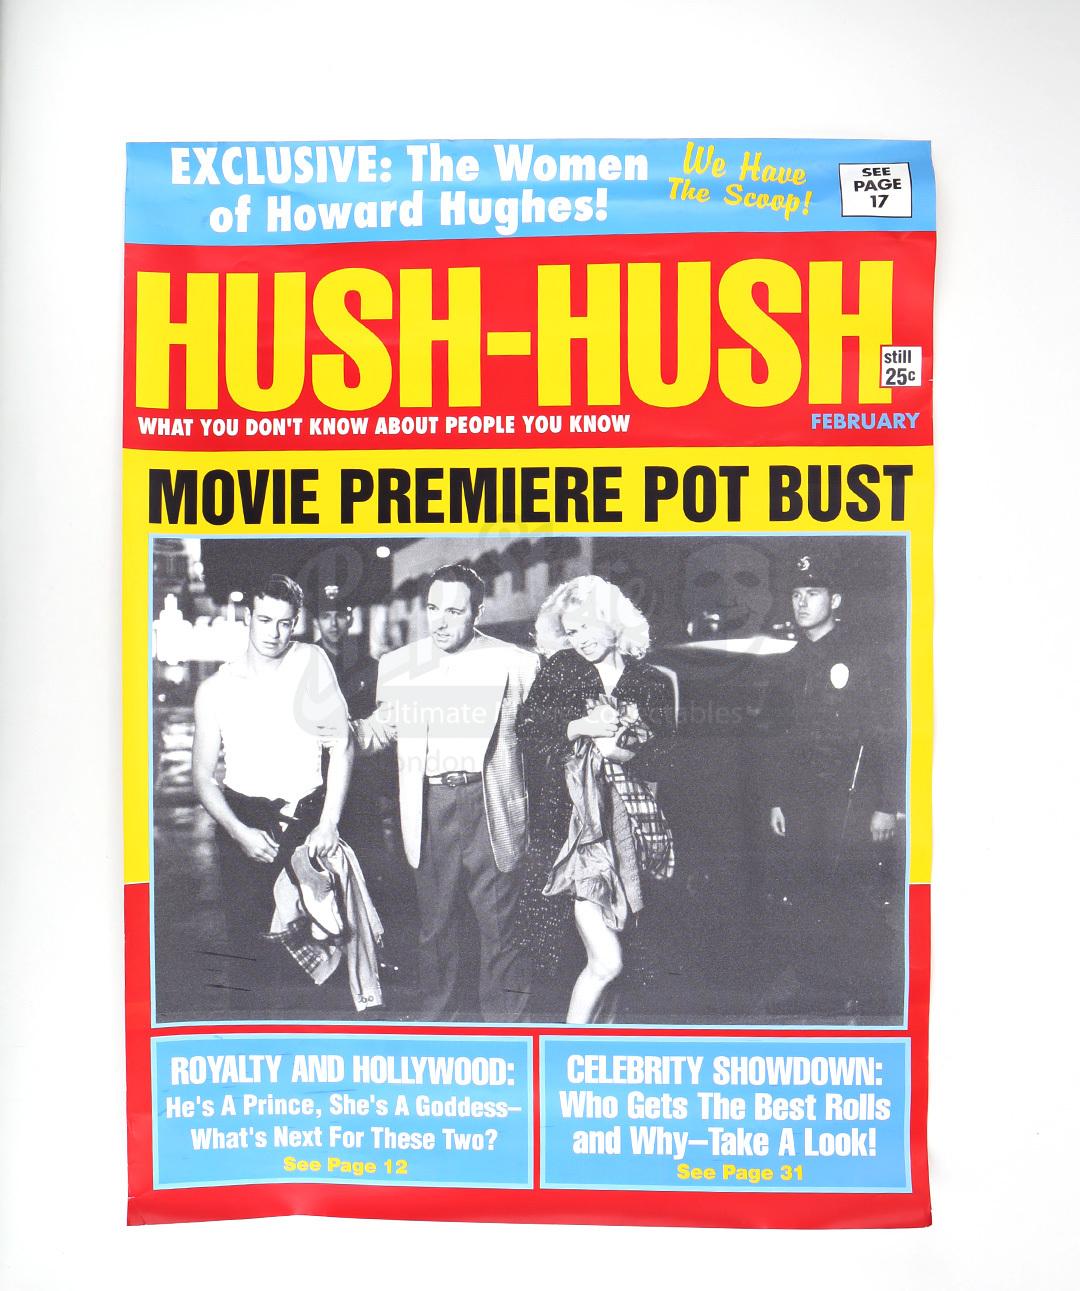 la confidential hush hush